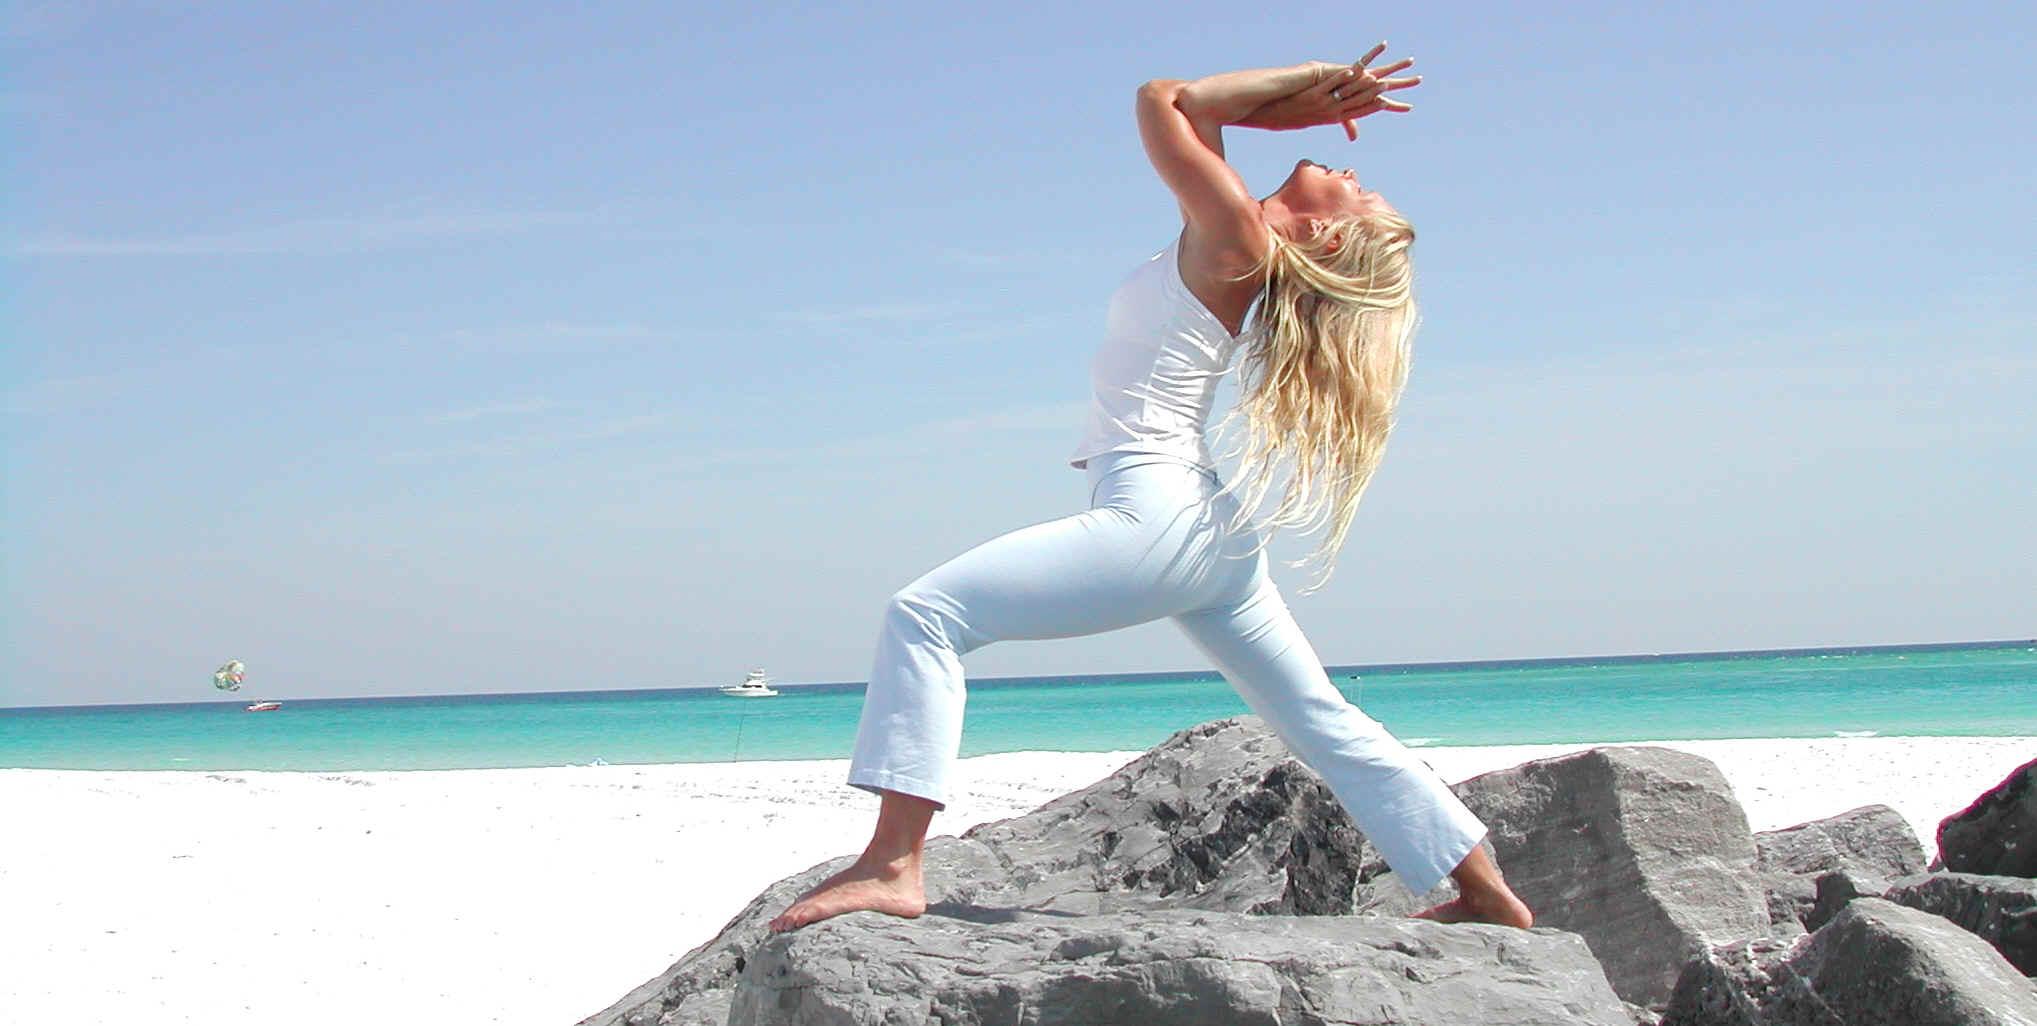 Yoga Pose Asana Pictues Florida